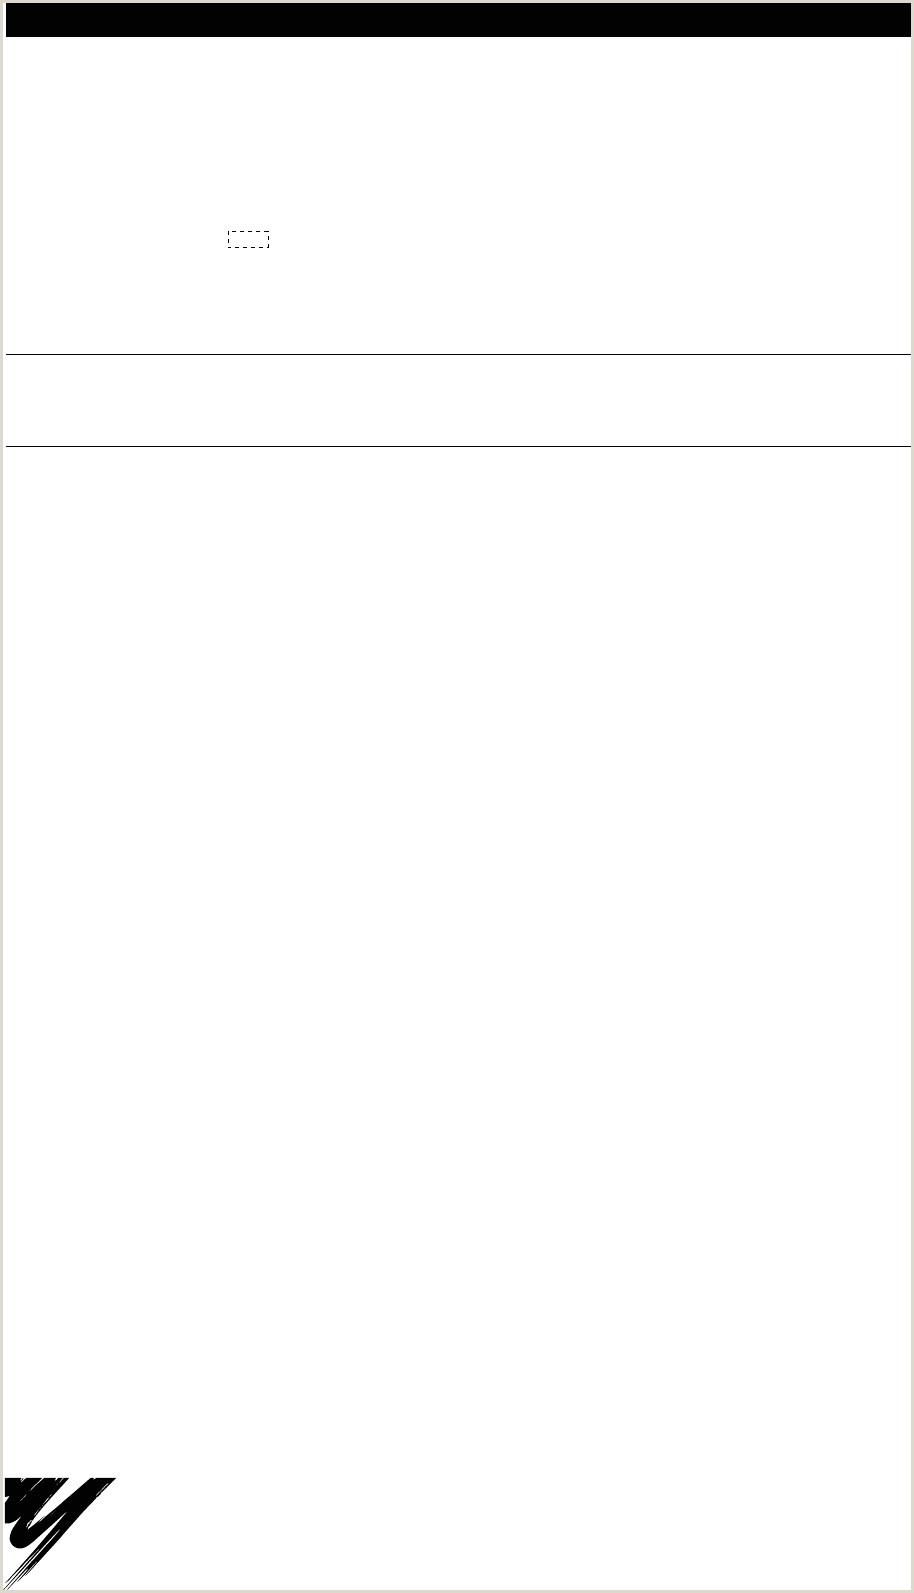 Business Cardd Varispeed 616g5 Instruction Manual Varispeed 616g5